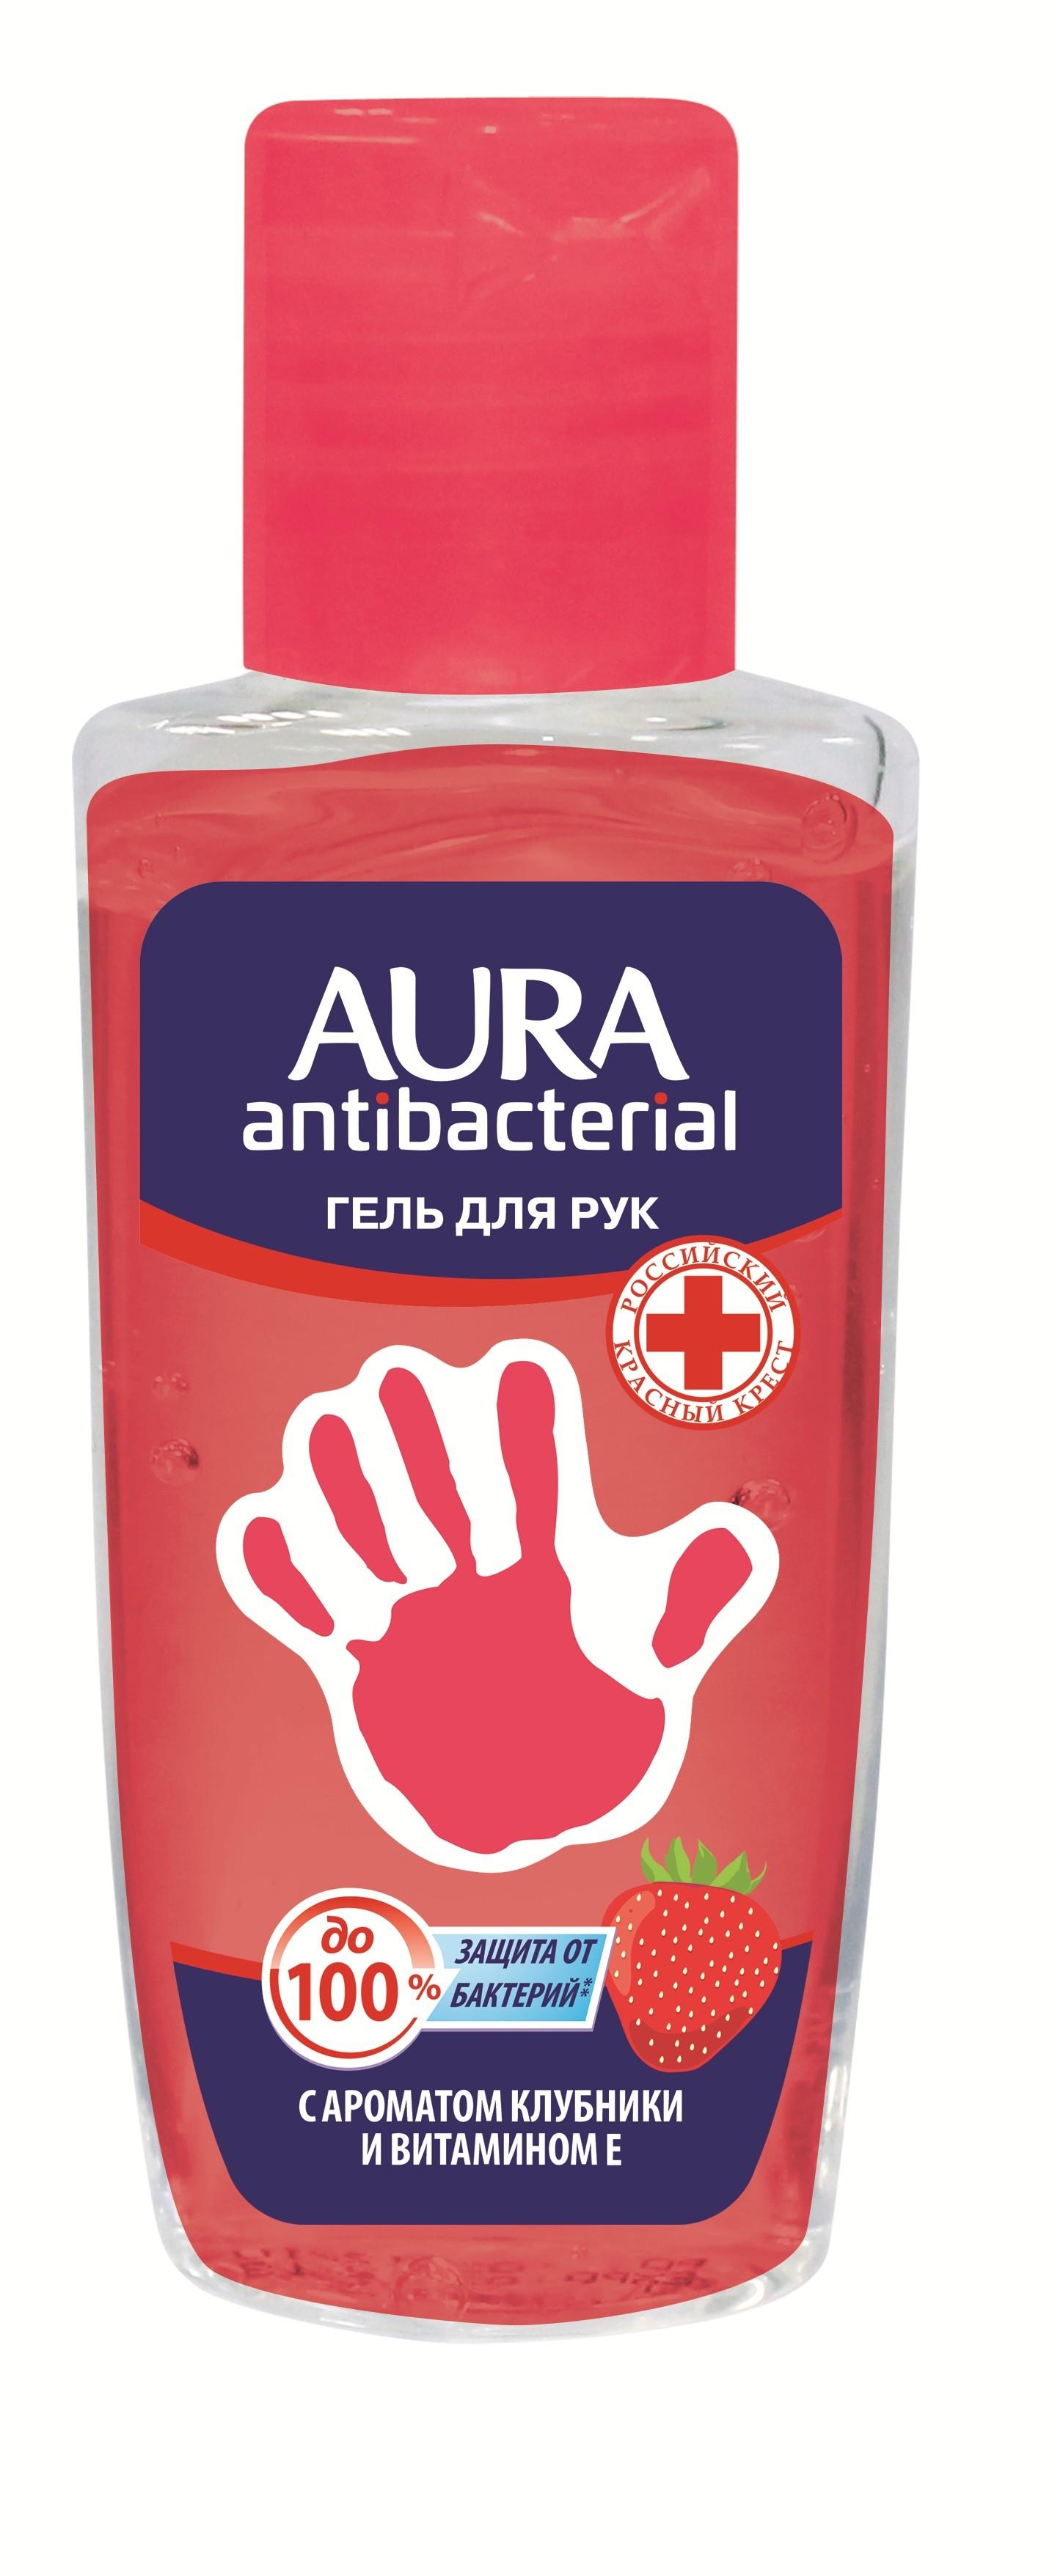 Средства по уходу за кожей рук AURA 7908 цены